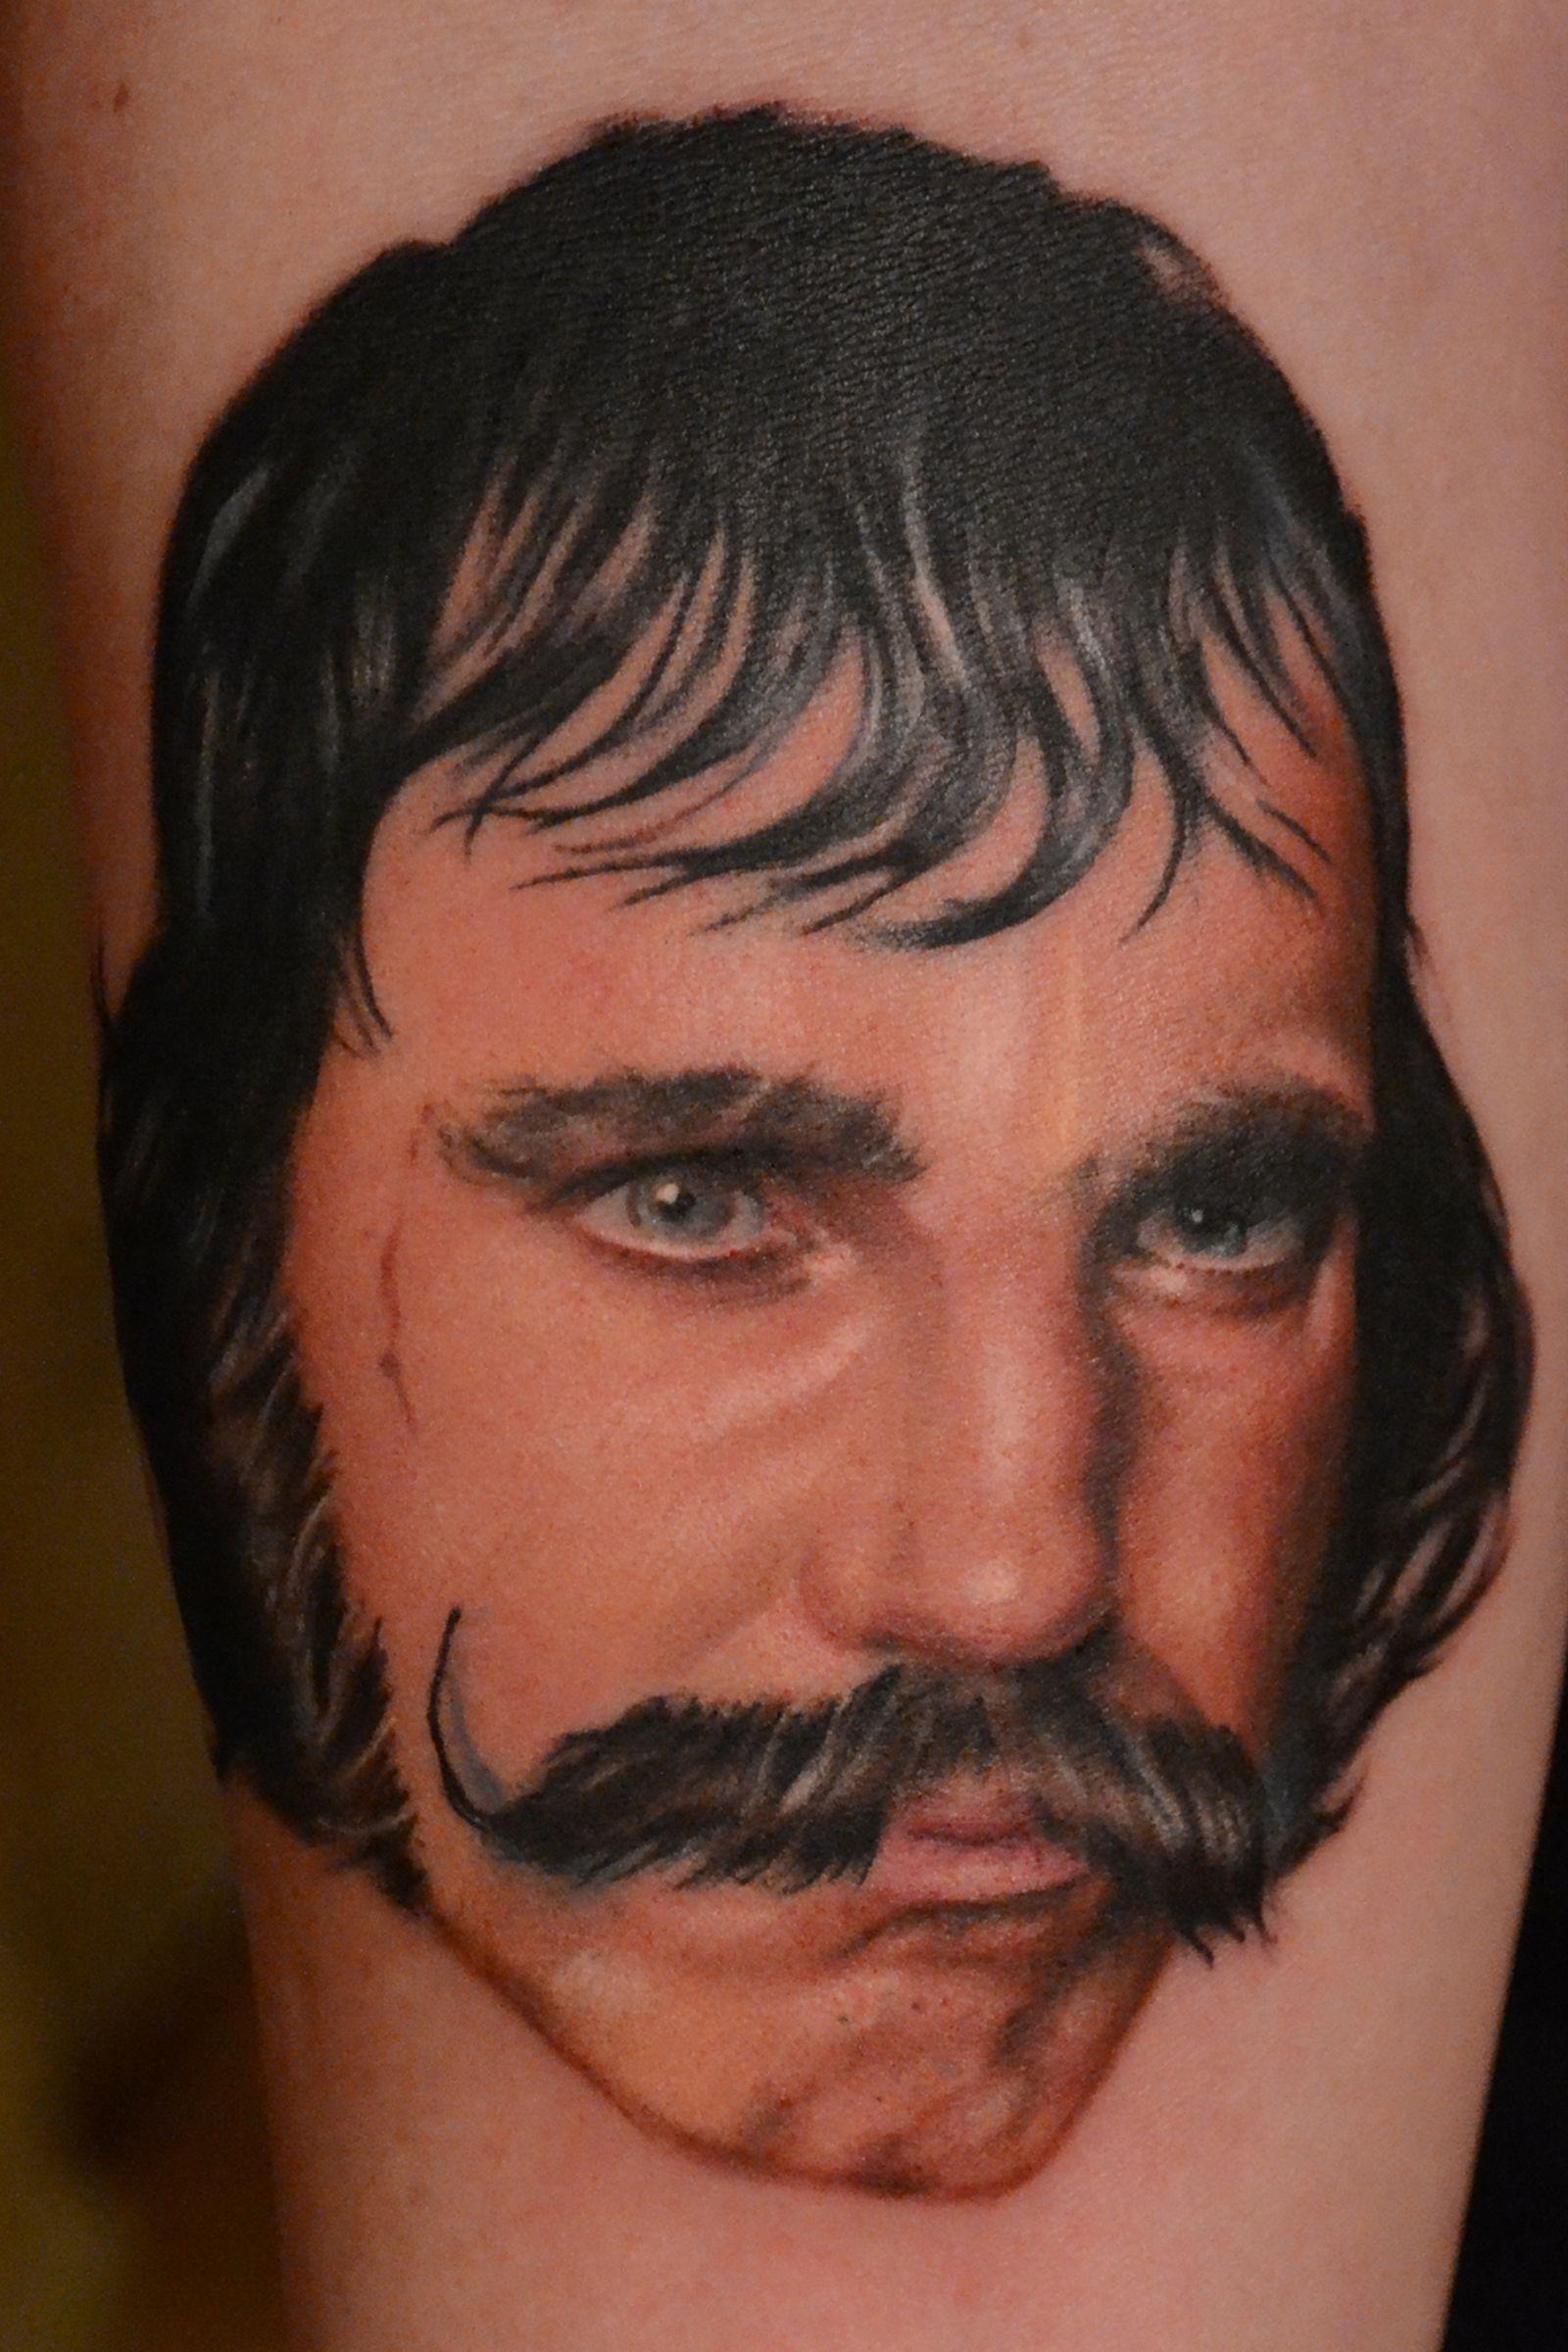 Bill the butcher portrait tattoo portrait tattoo gangs